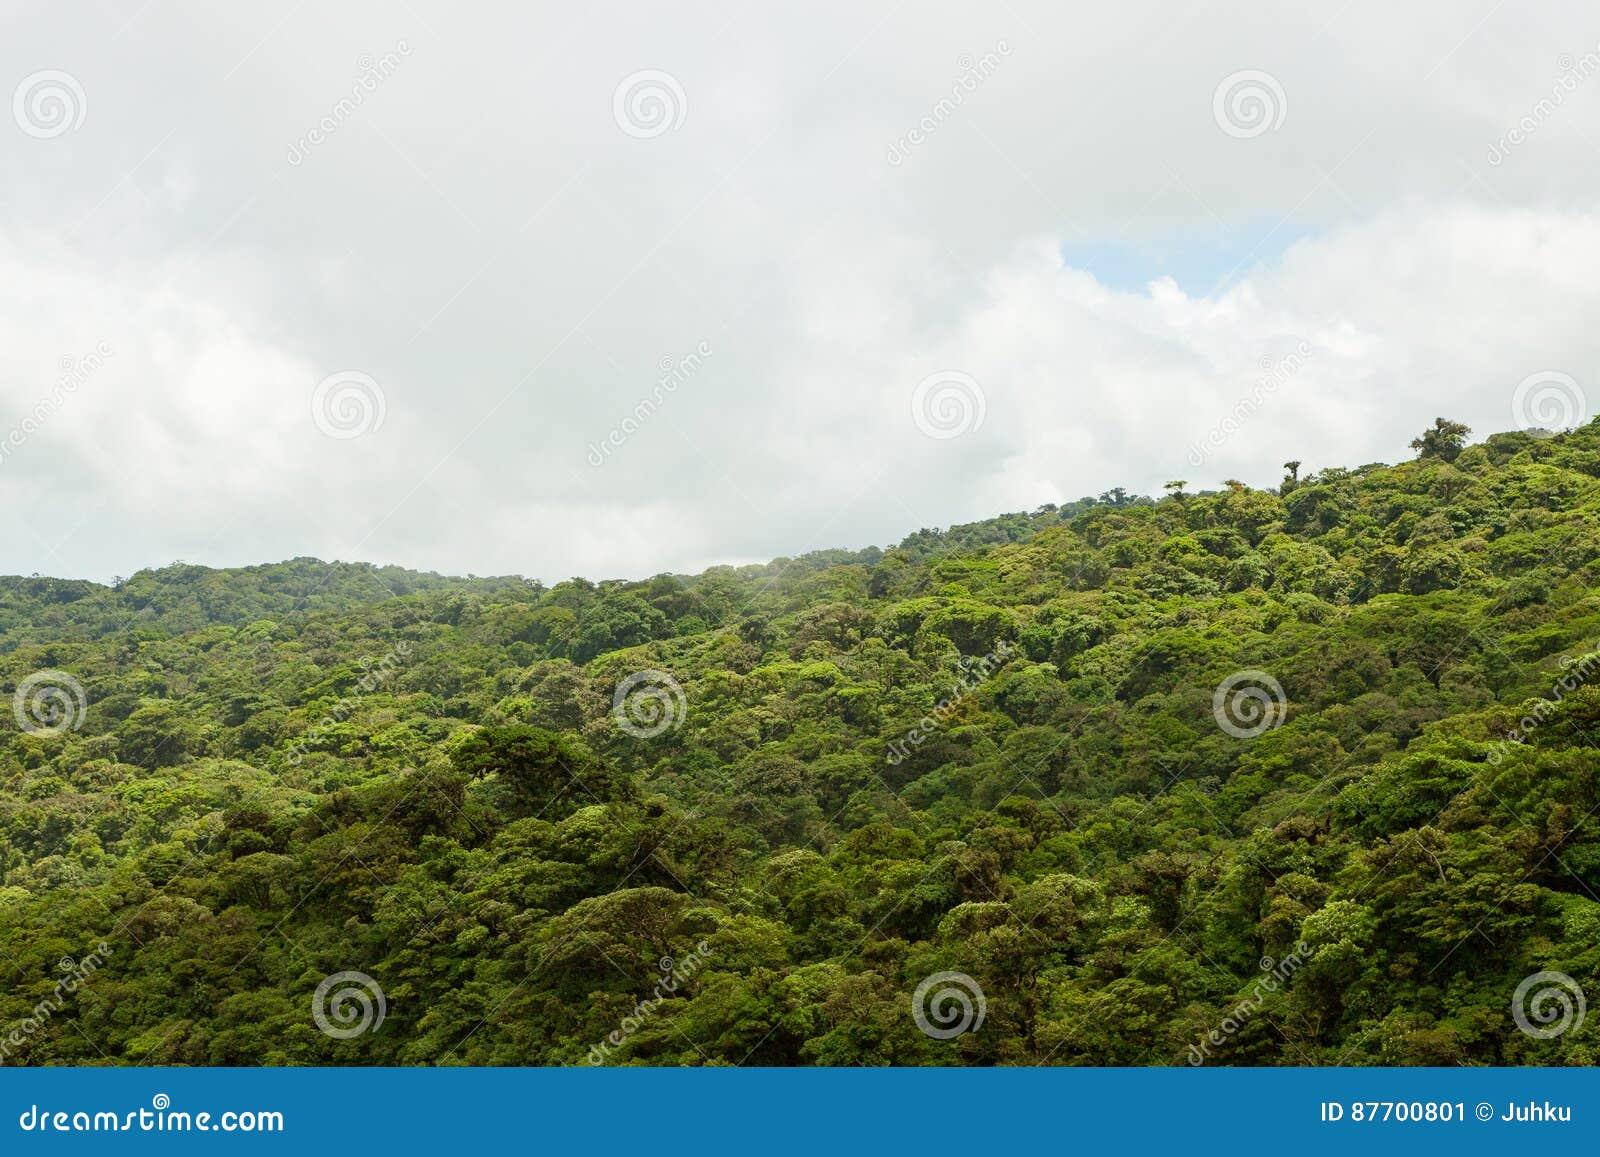 Paysage de forêt tropicale en Monteverde Costa Rica